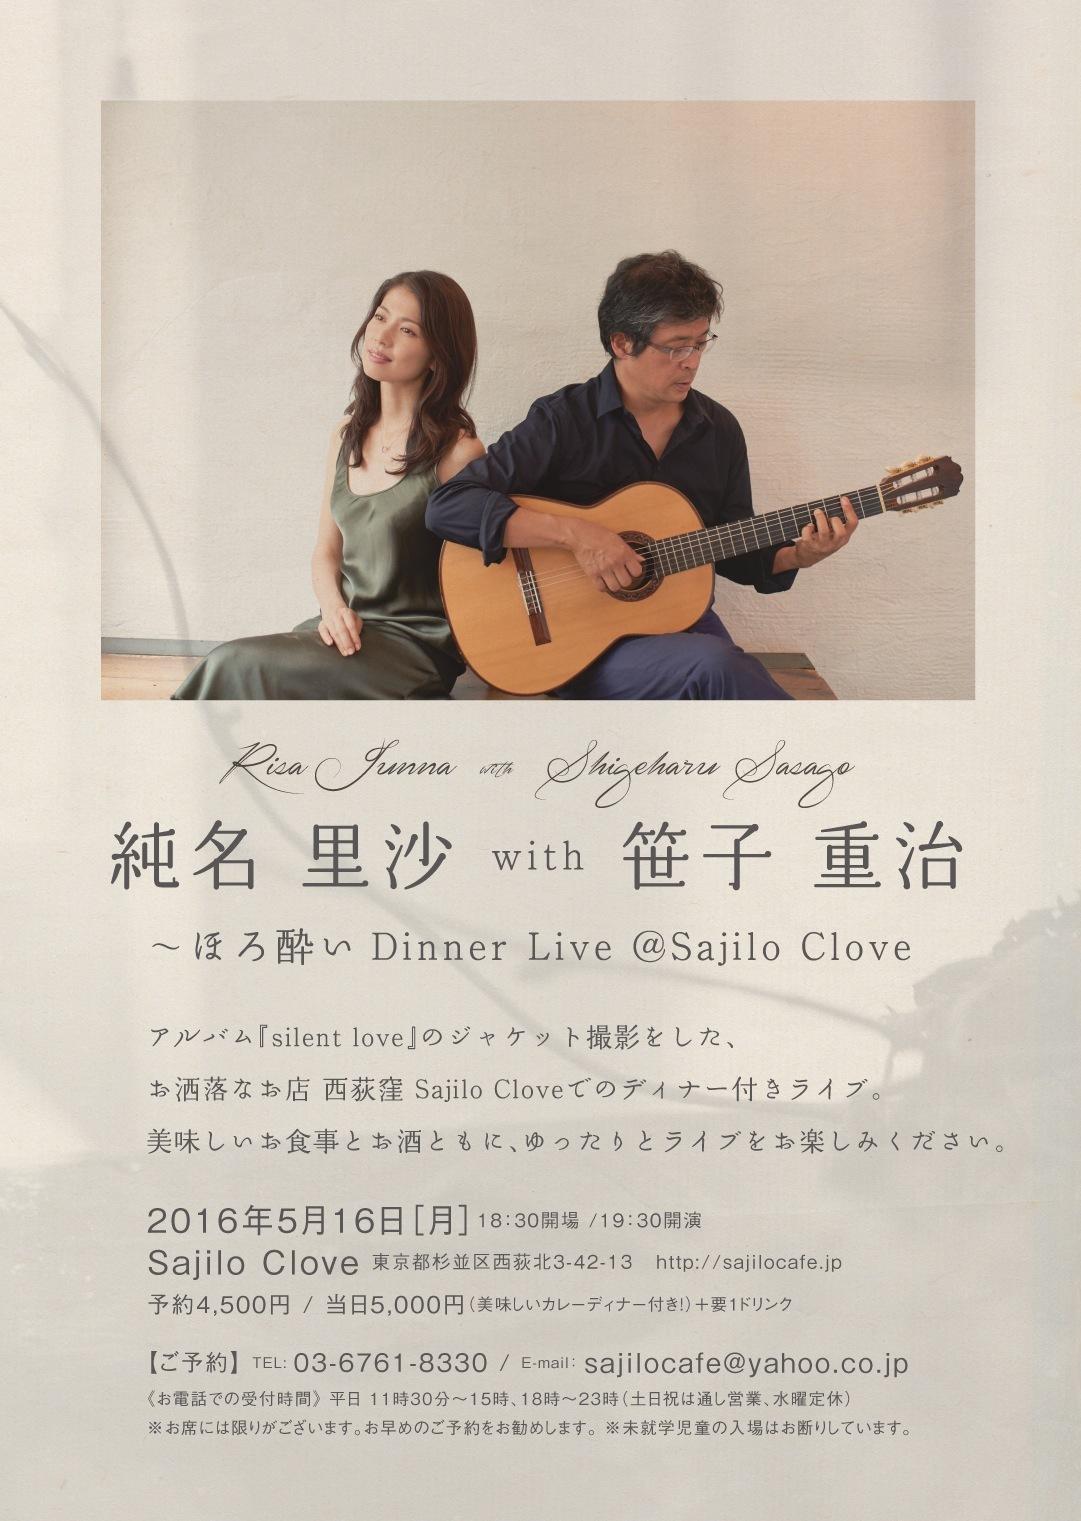 『 純名里沙 with 笹子重治 〜ほろ酔いDinner Live@Sajilo Clove 』_b0140723_02020556.jpeg